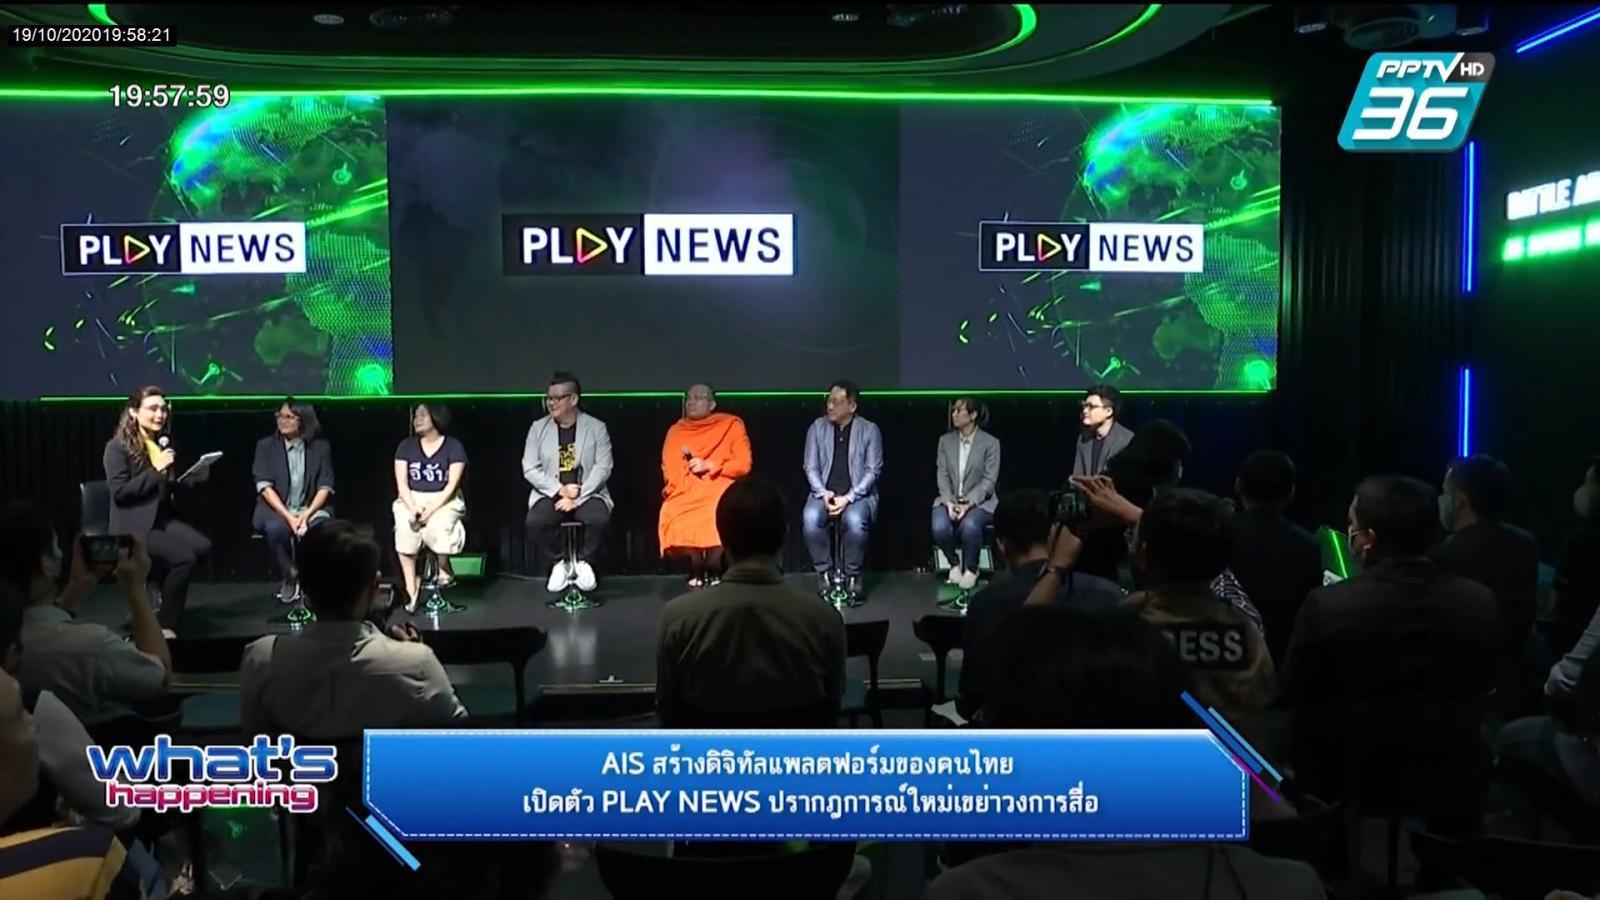 AIS สร้างดิจิทัลแพลตฟอร์มของคนไทย  เปิดตัว PLAY NEWS